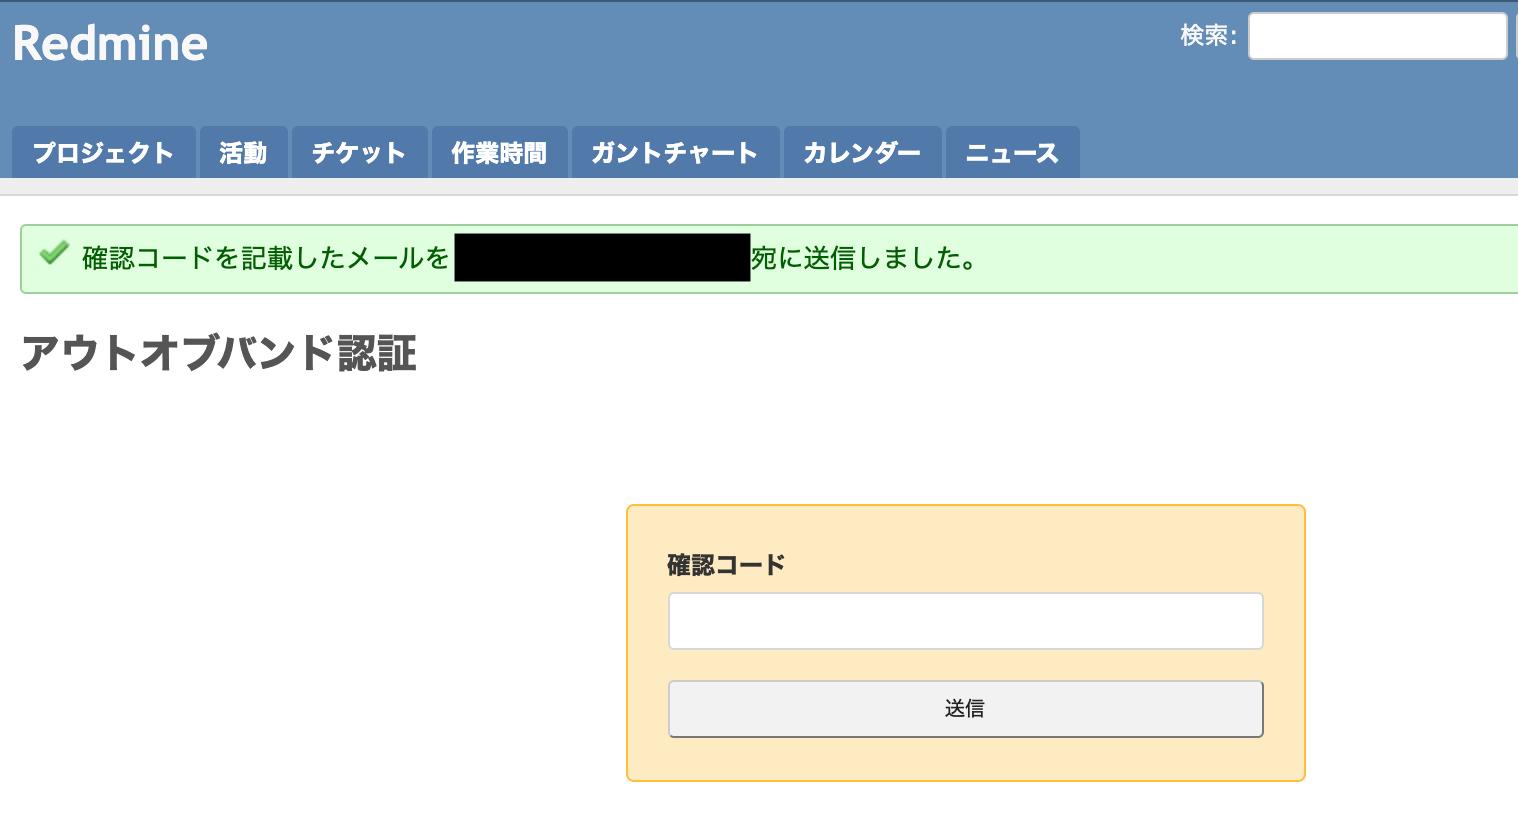 スクリーンショット 2020-02-21 12.36.03.png